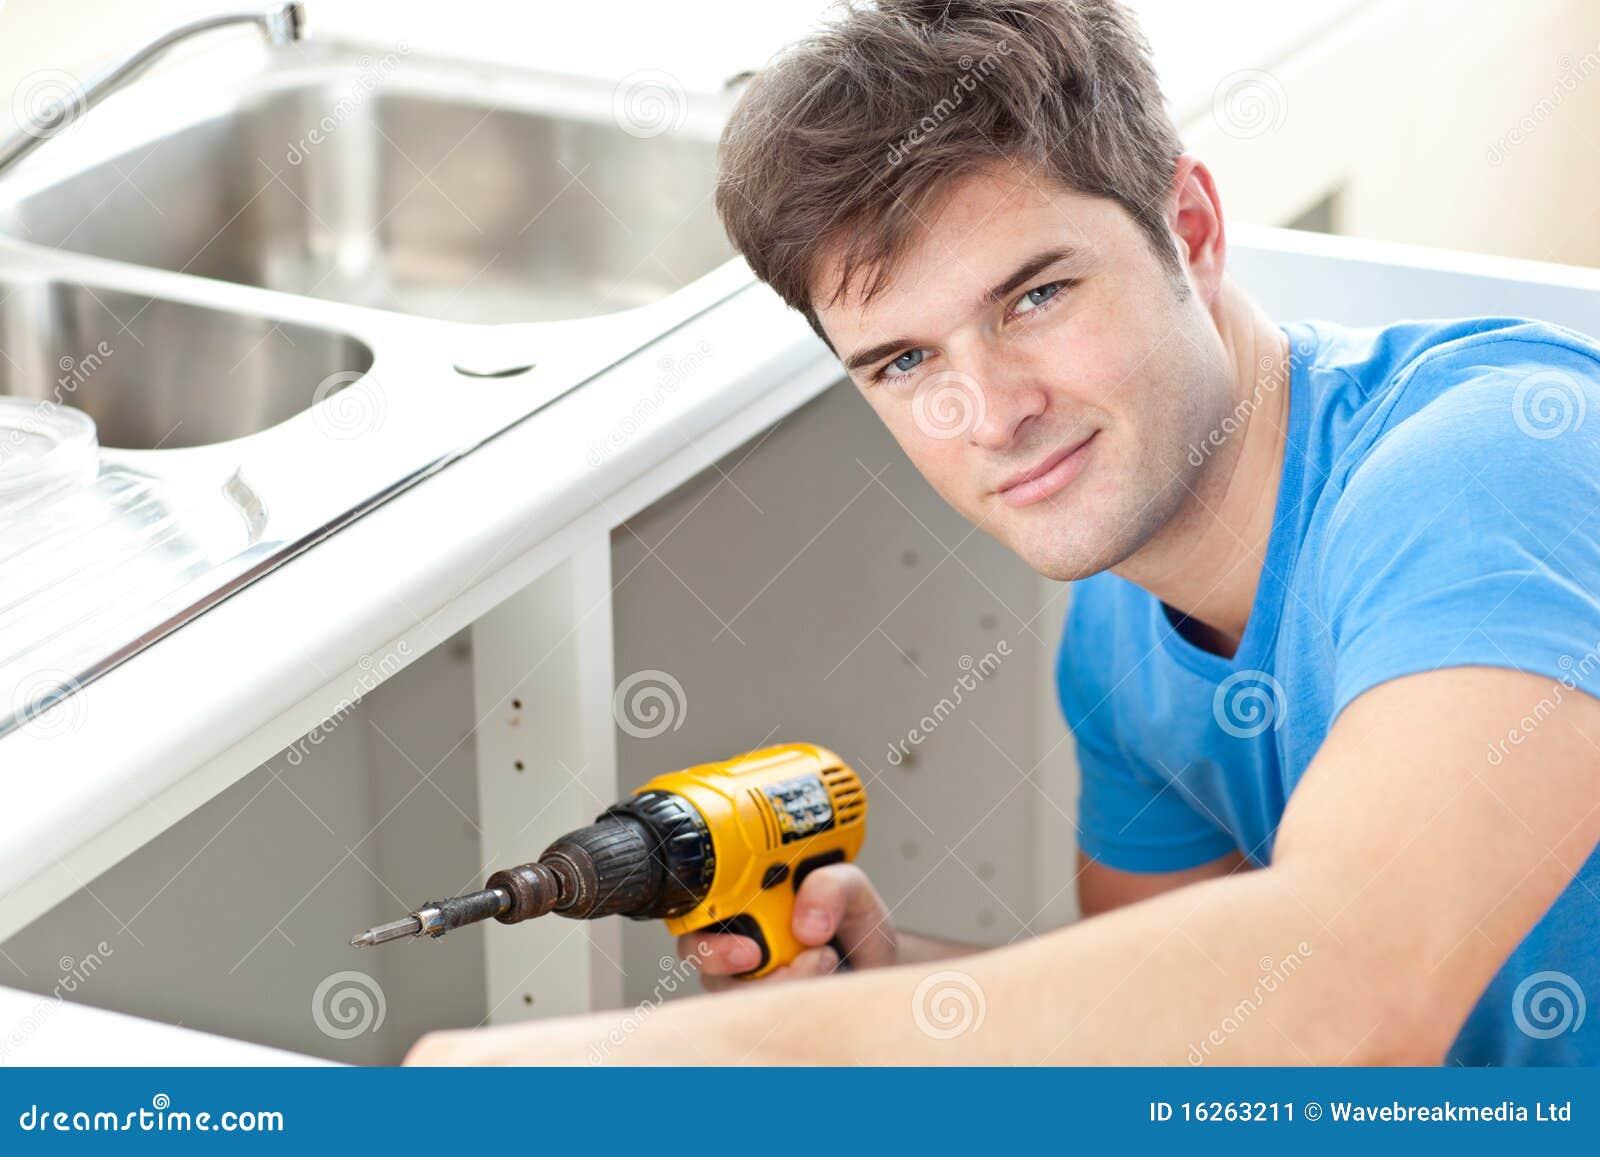 Stattlicher Mann mit einem Bohrgerät, das eine Küchewanne repariert